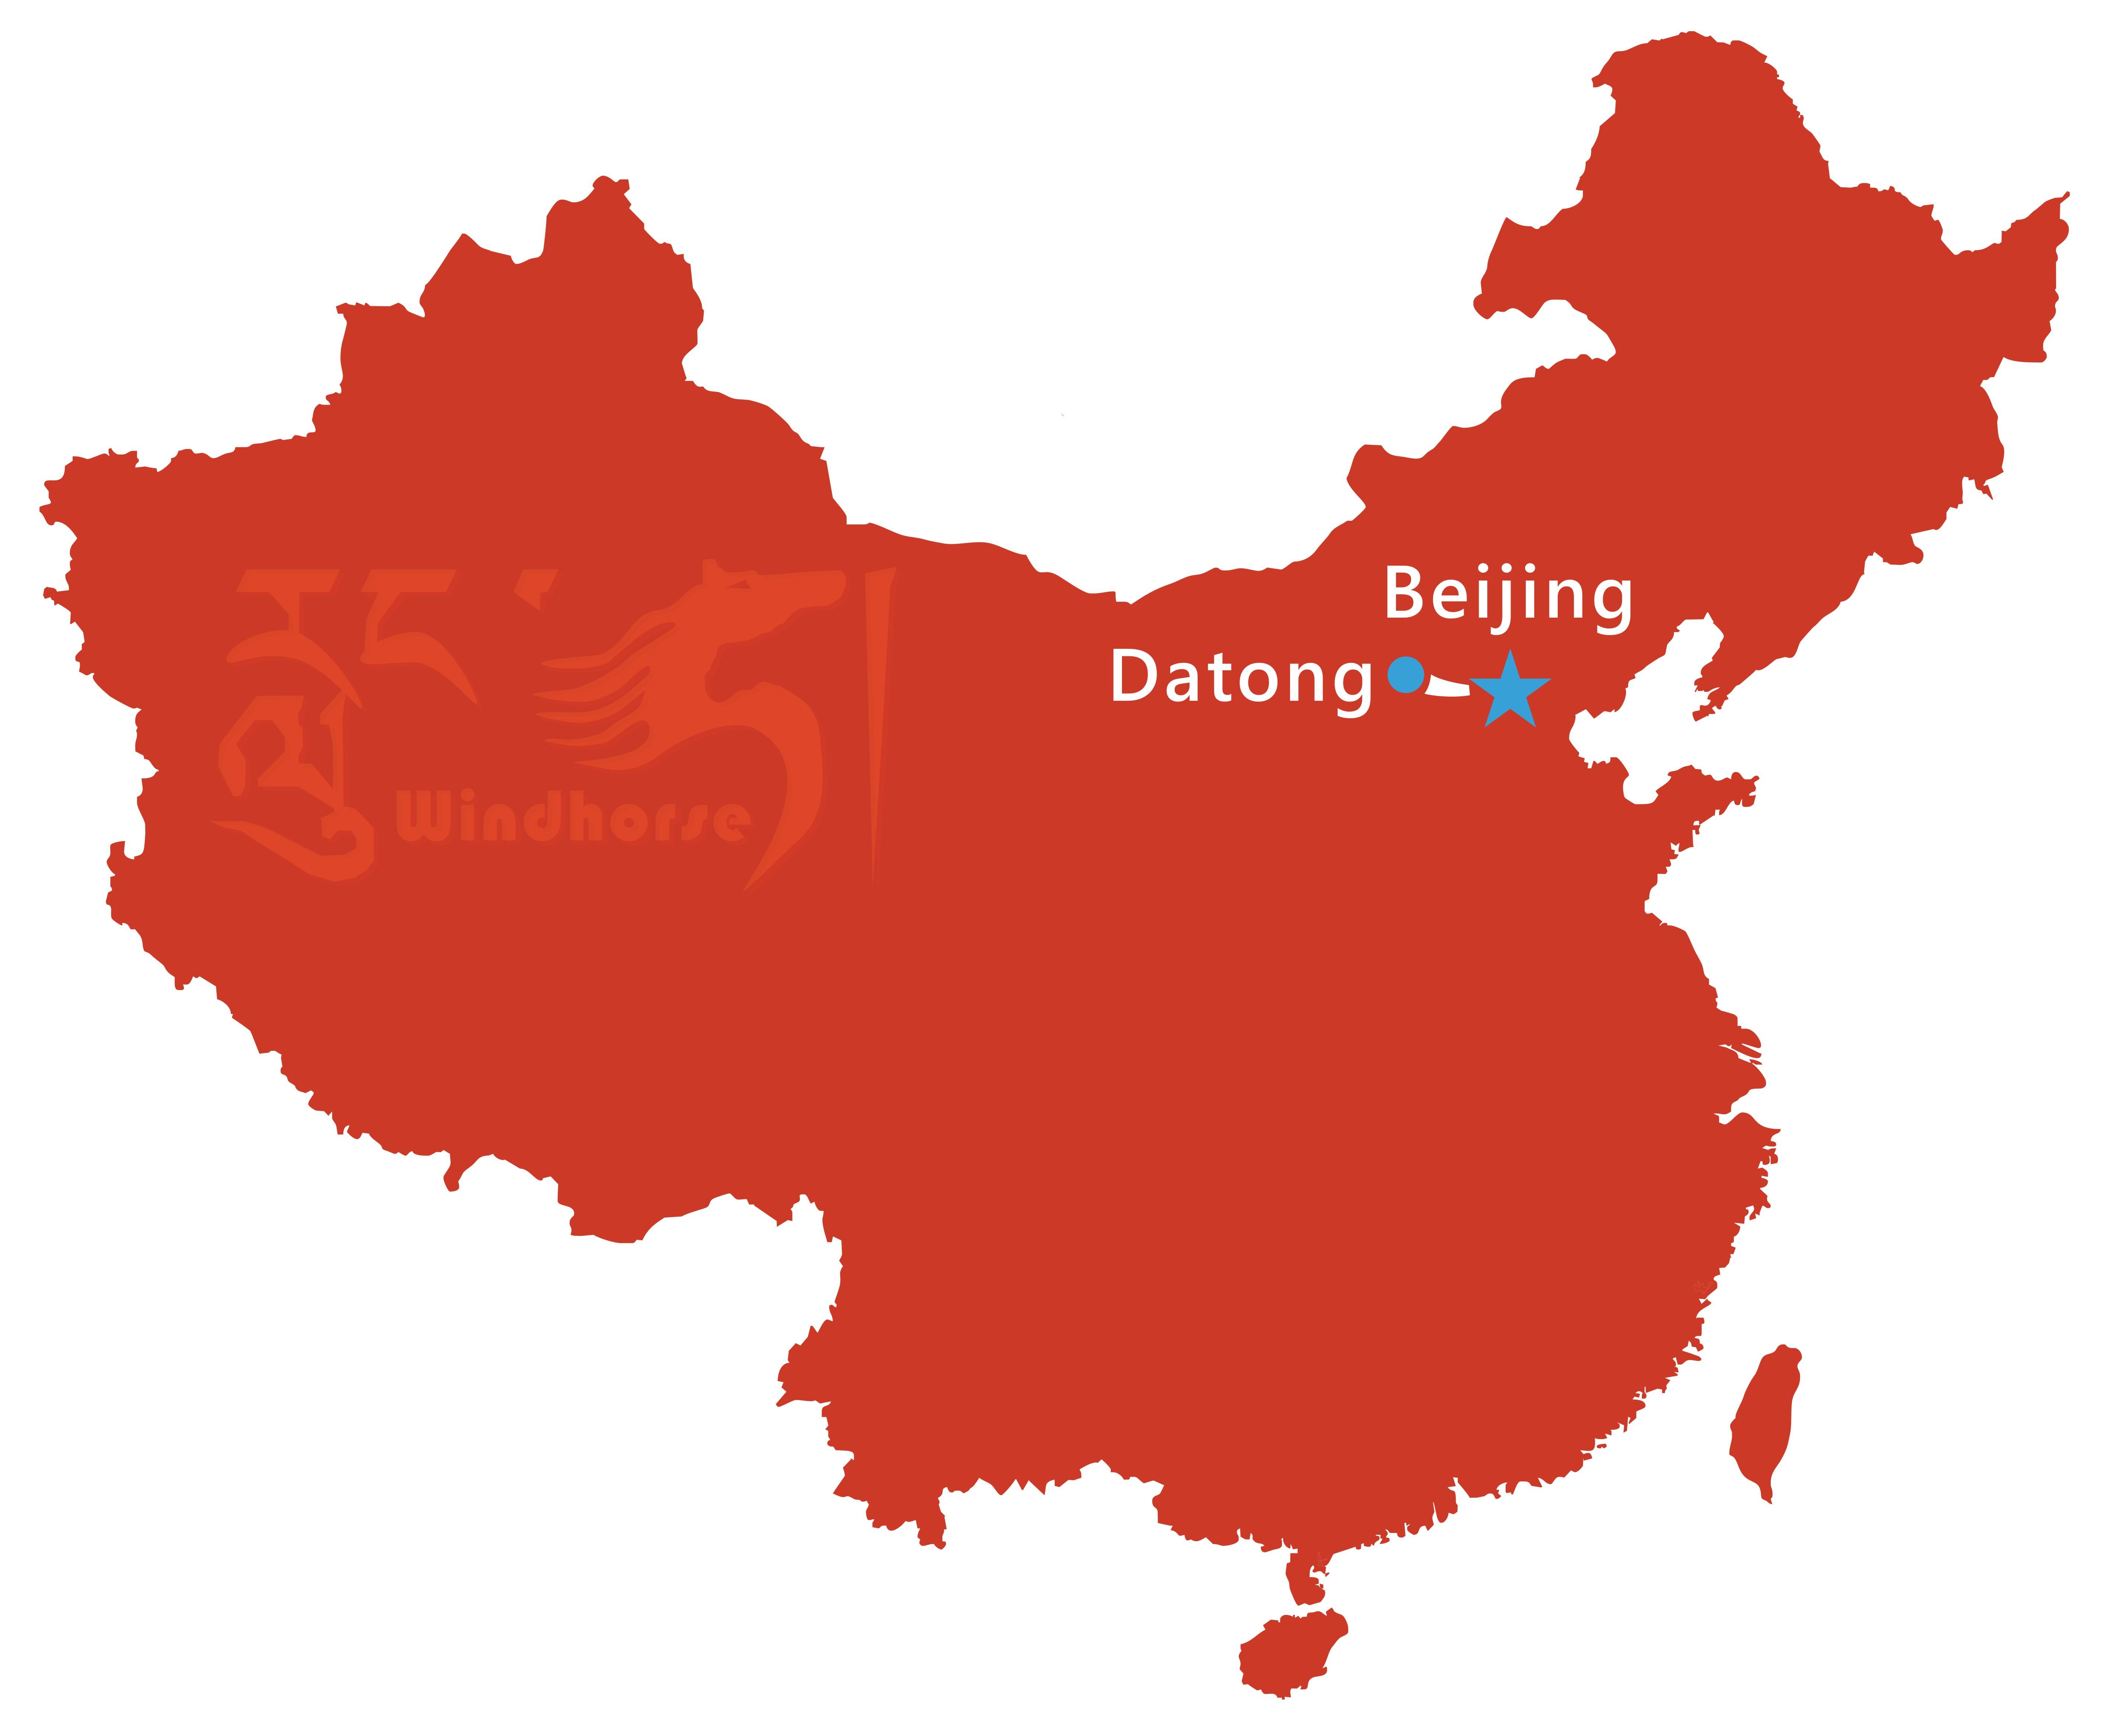 Beijing Datong Tour Route